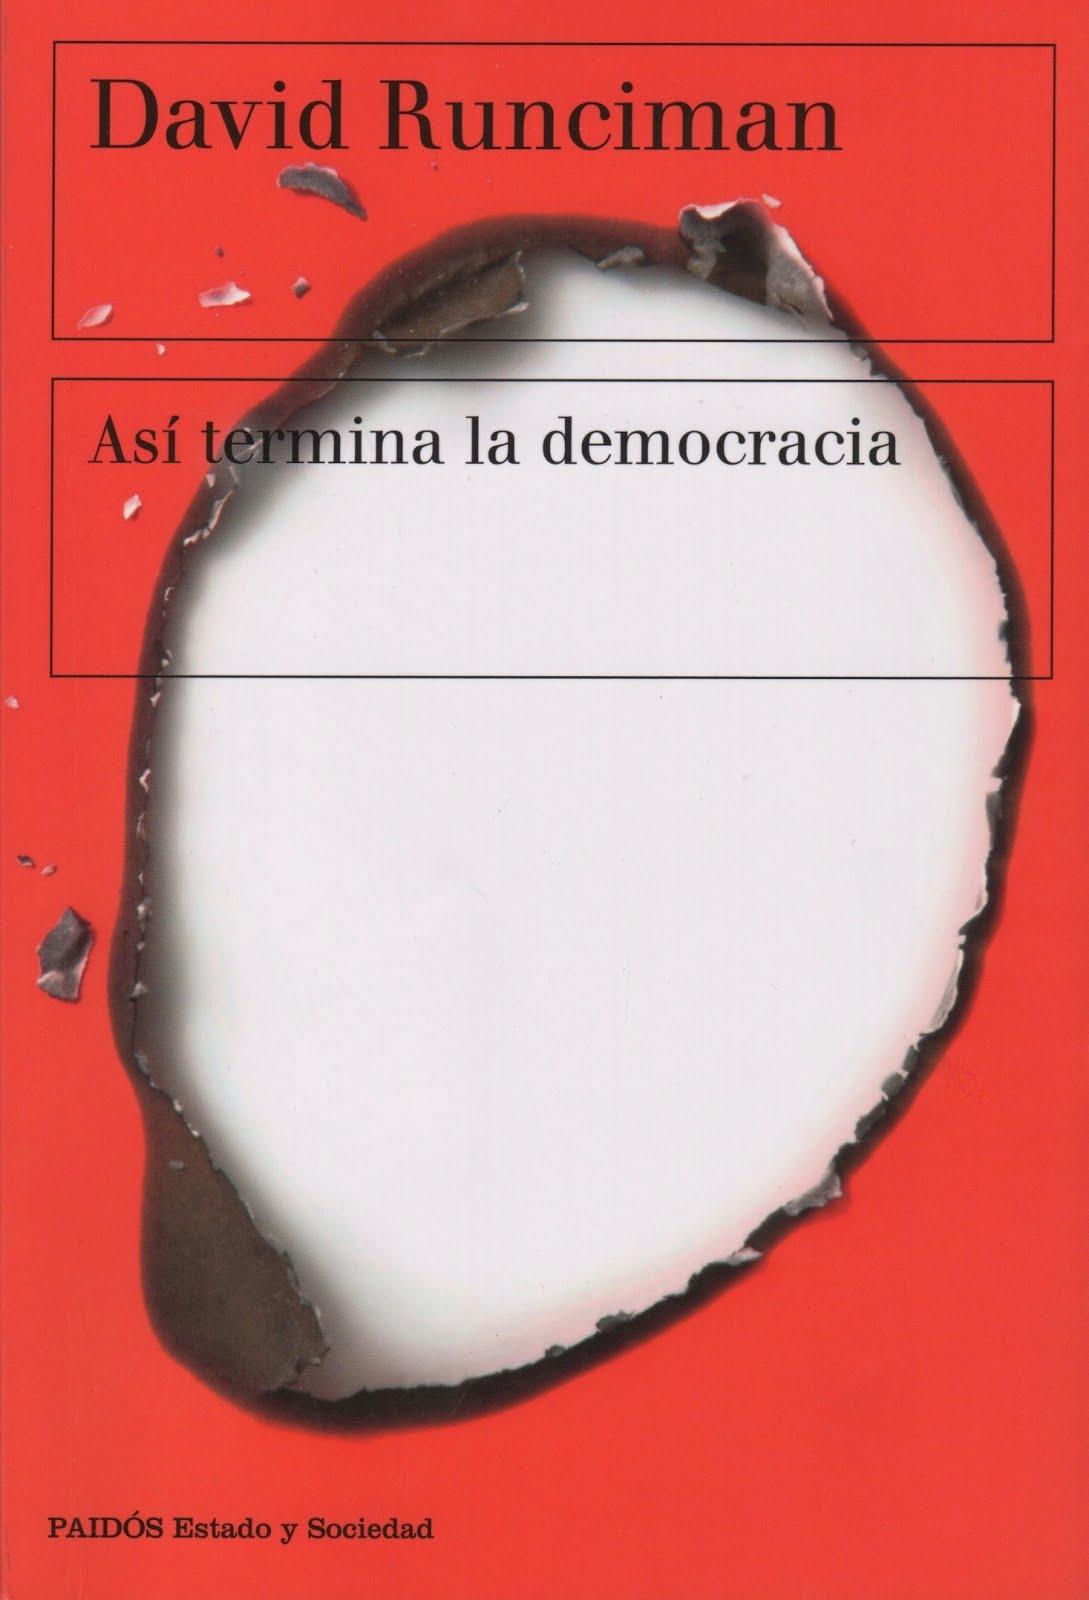 David Runciman (Así termina la democracia)